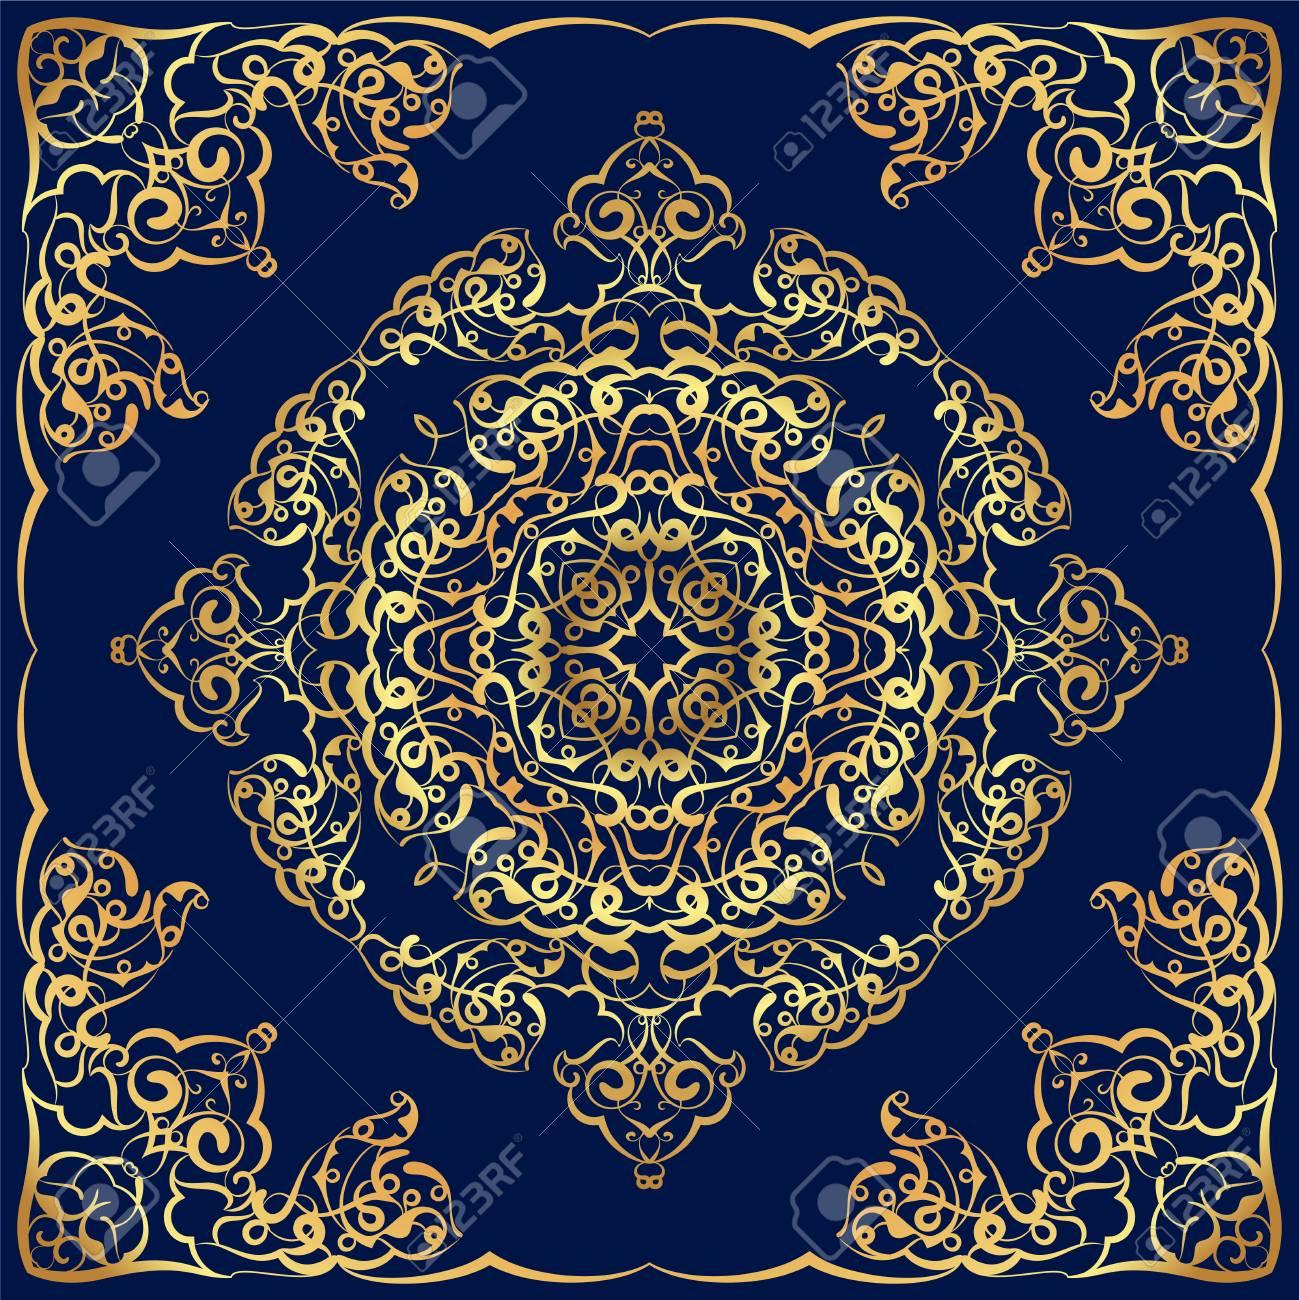 Vettoriale Ornamento Per La Sciarpa Con Disegno In Oro Su Sfondo